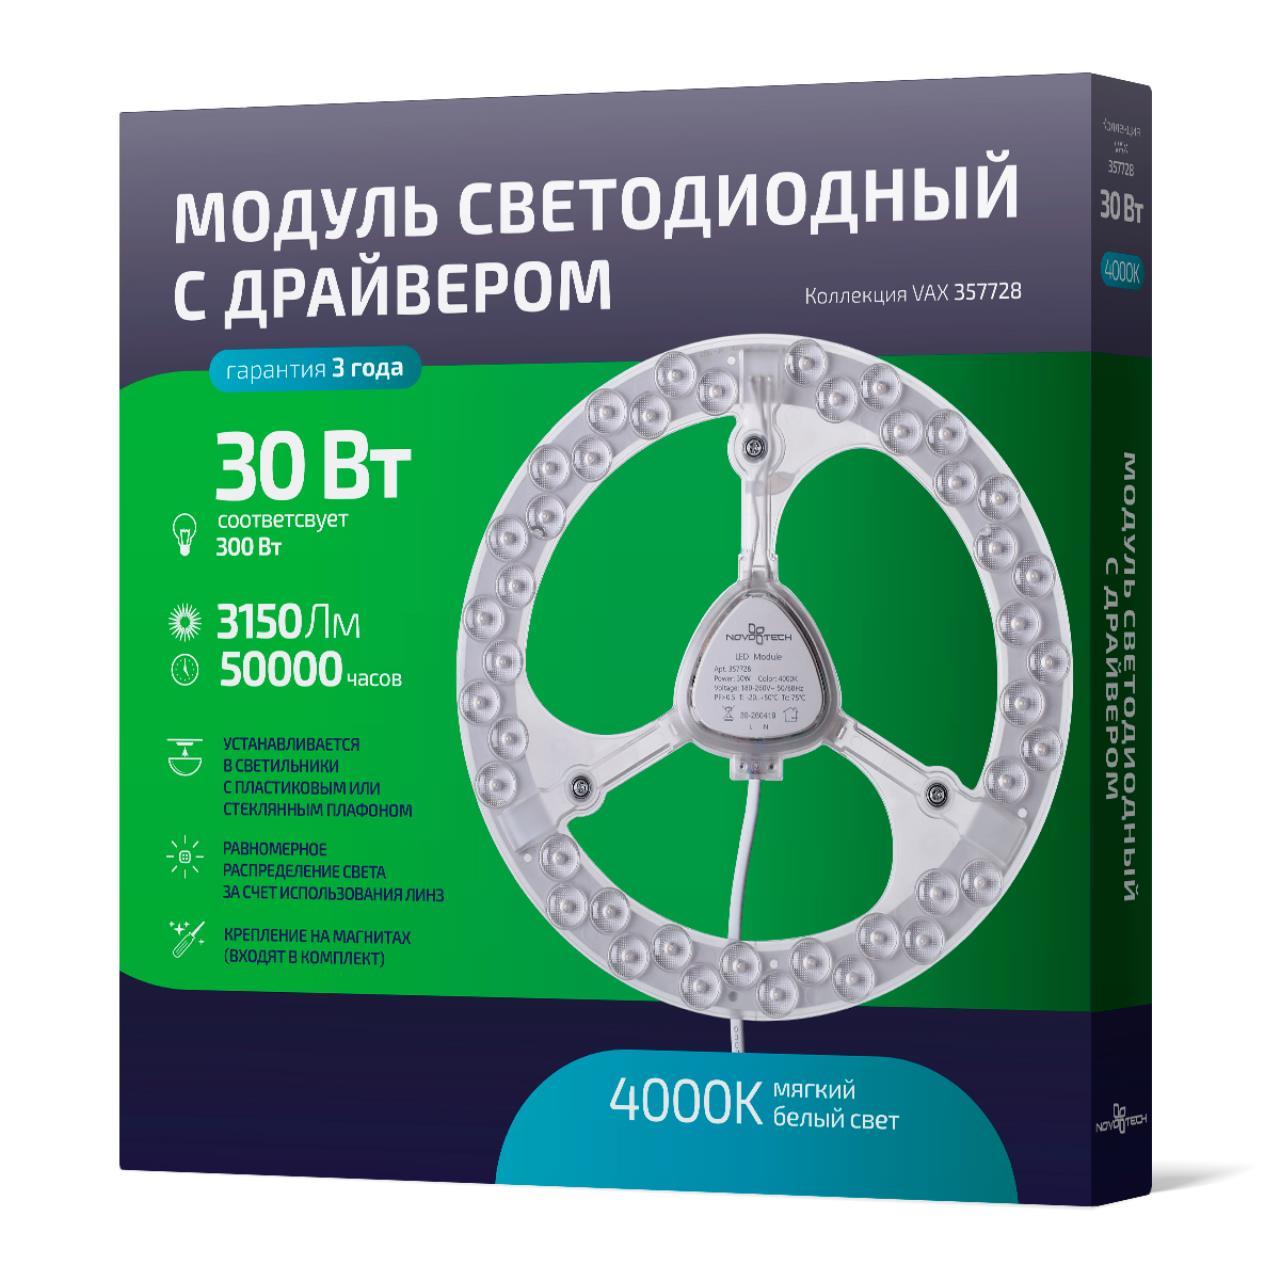 Светодиодный модуль Novotech 357728 Vax